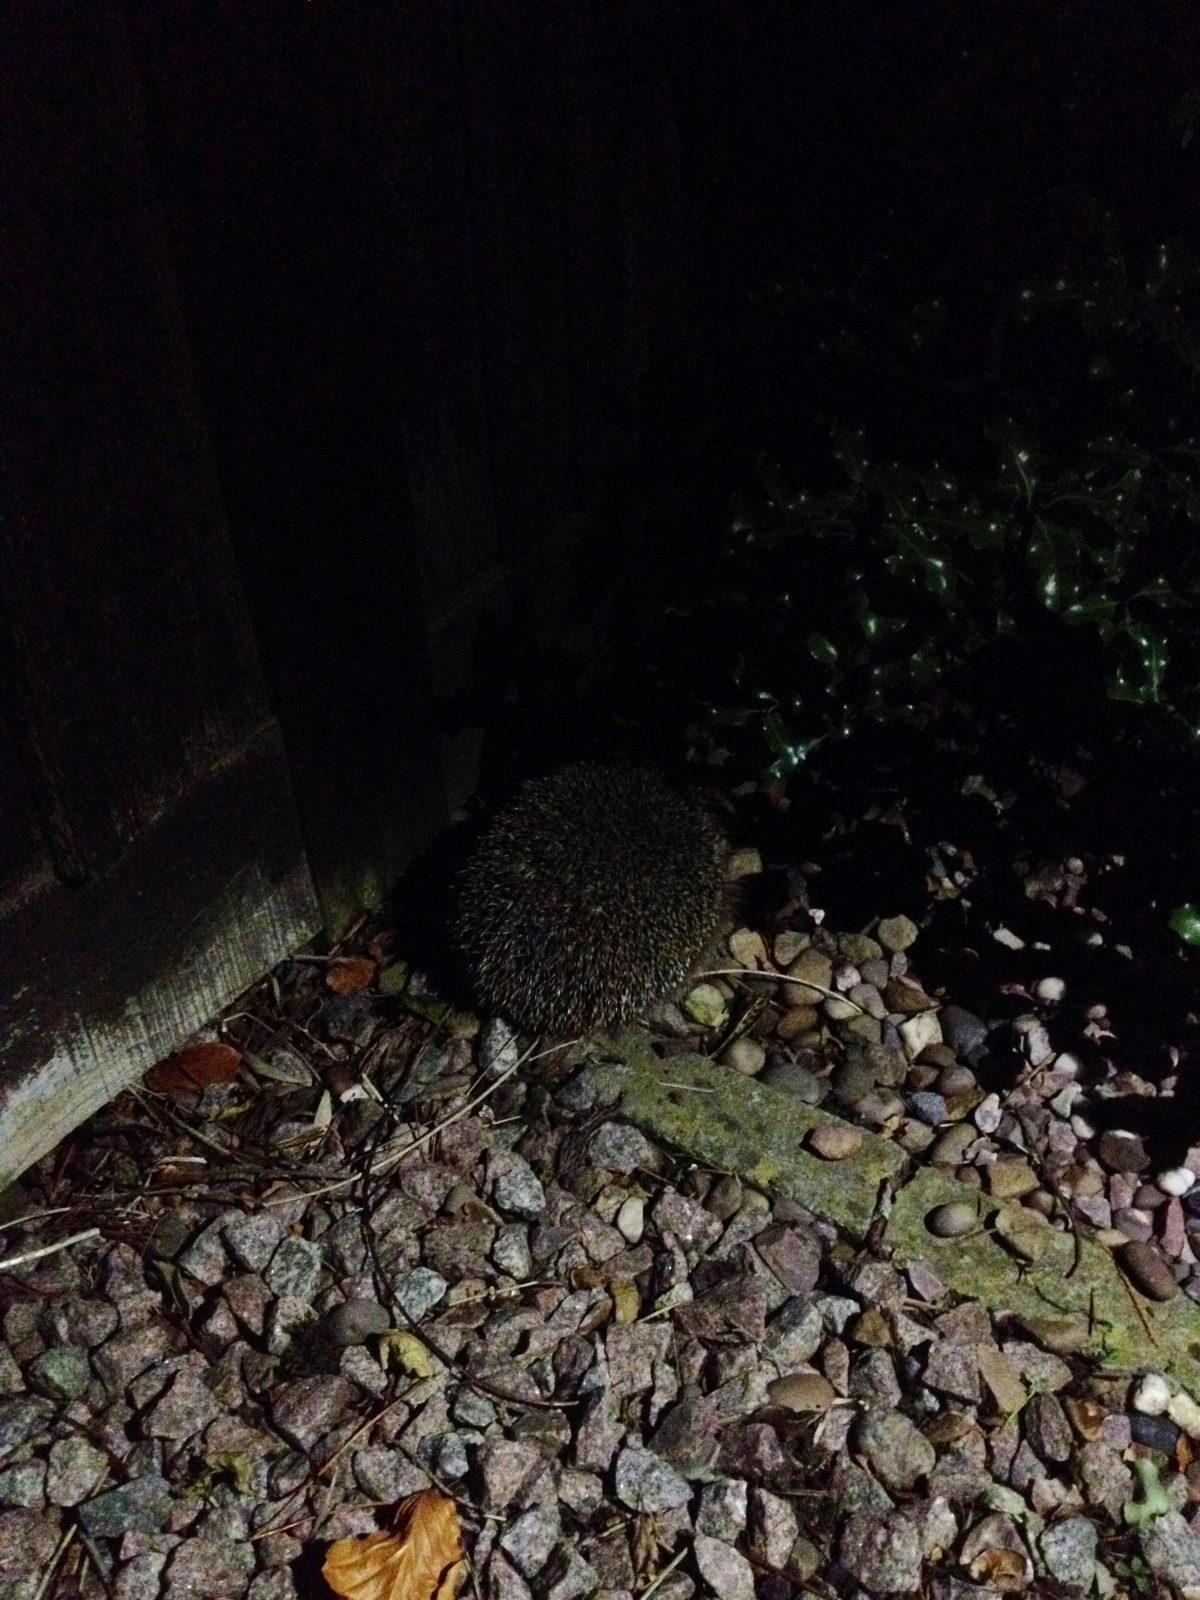 Morris the hedgehog